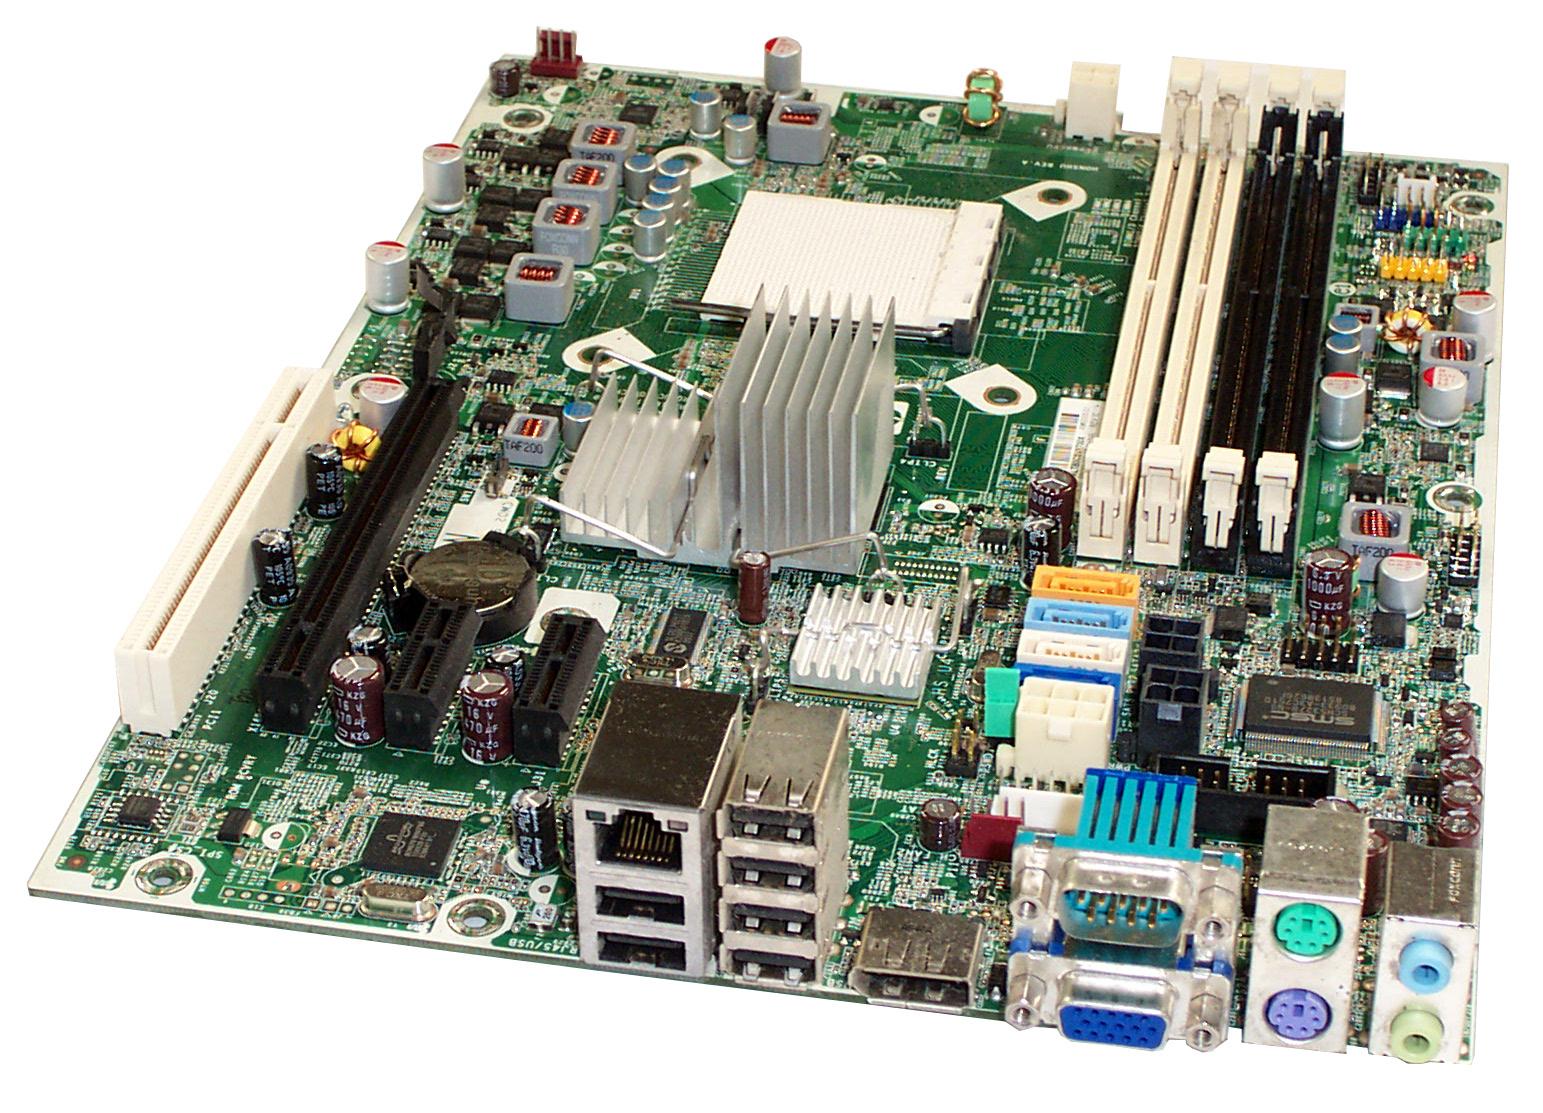 HP 531966-001 6000 6005 Pro SFF Socket AM3 Motherboard - 503335-001